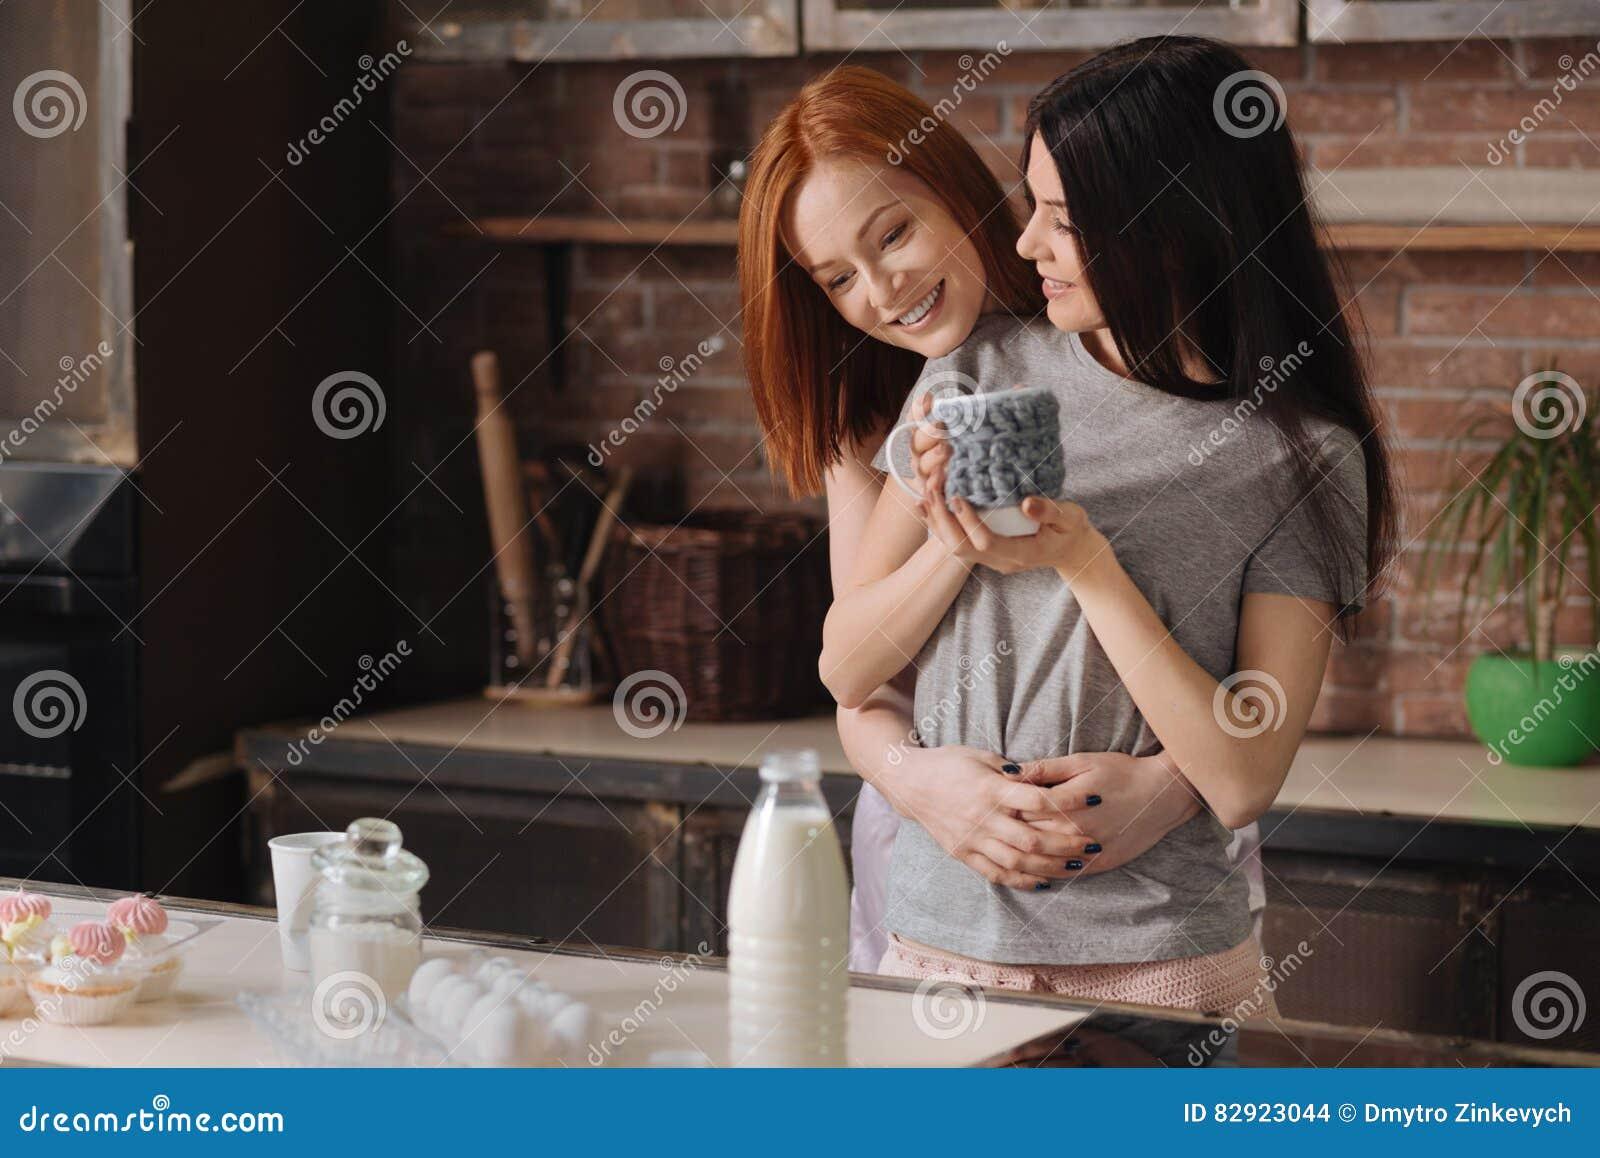 Συμβουλές για την παροχή καλό στοματικό σεξ